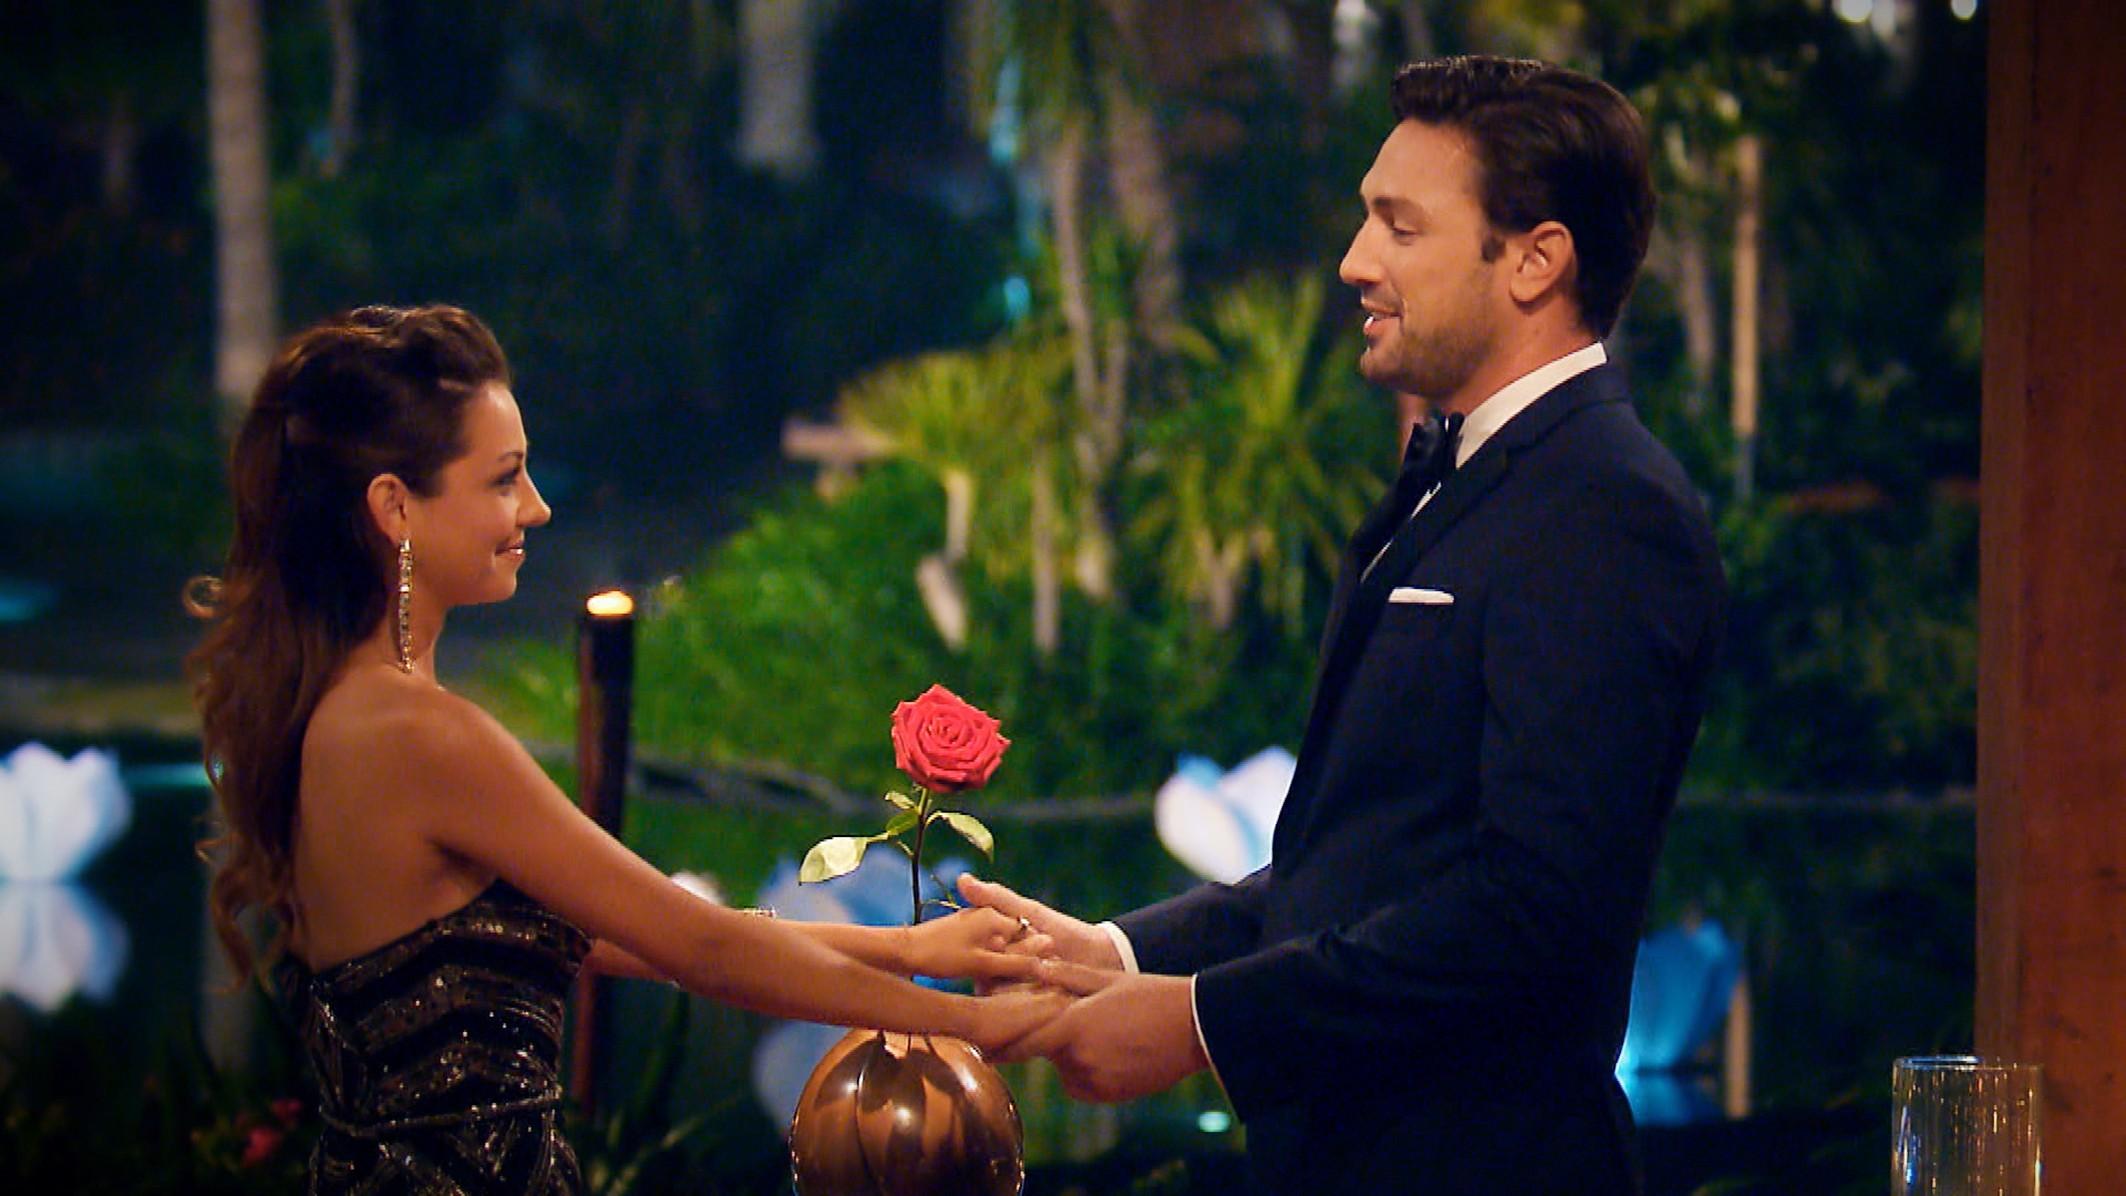 Der Bachelor 2018 Finale - Daniel und Kristina bei der letzten Nacht der Rosen